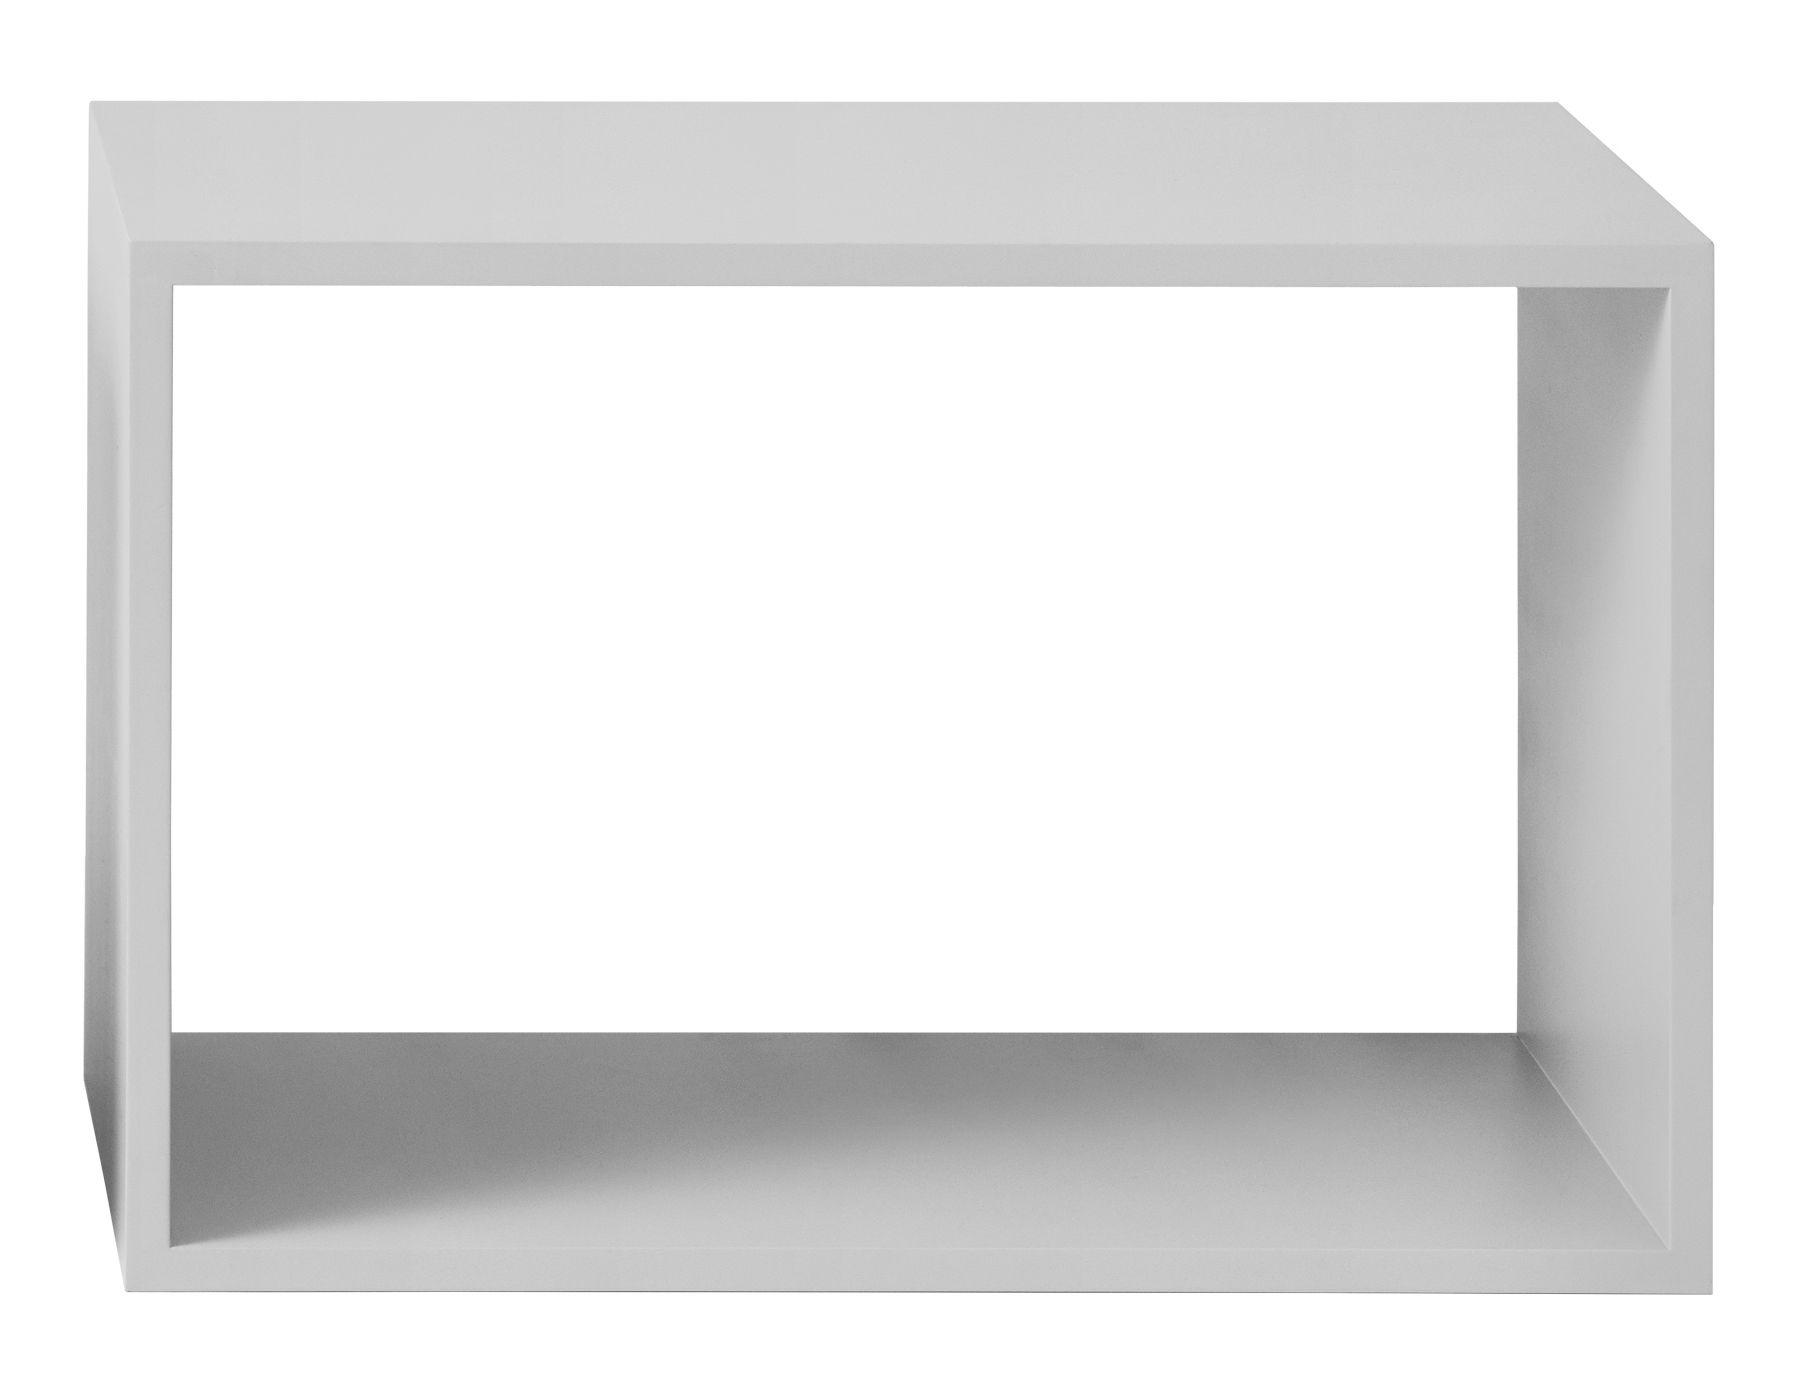 Möbel - Regale und Bücherregale - Stacked Regal / Größe L - rechteckig - 65 x 43 cm / ohne Rückwand - Muuto - Hellgrau - mitteldichte bemalte Holzfaserplatte